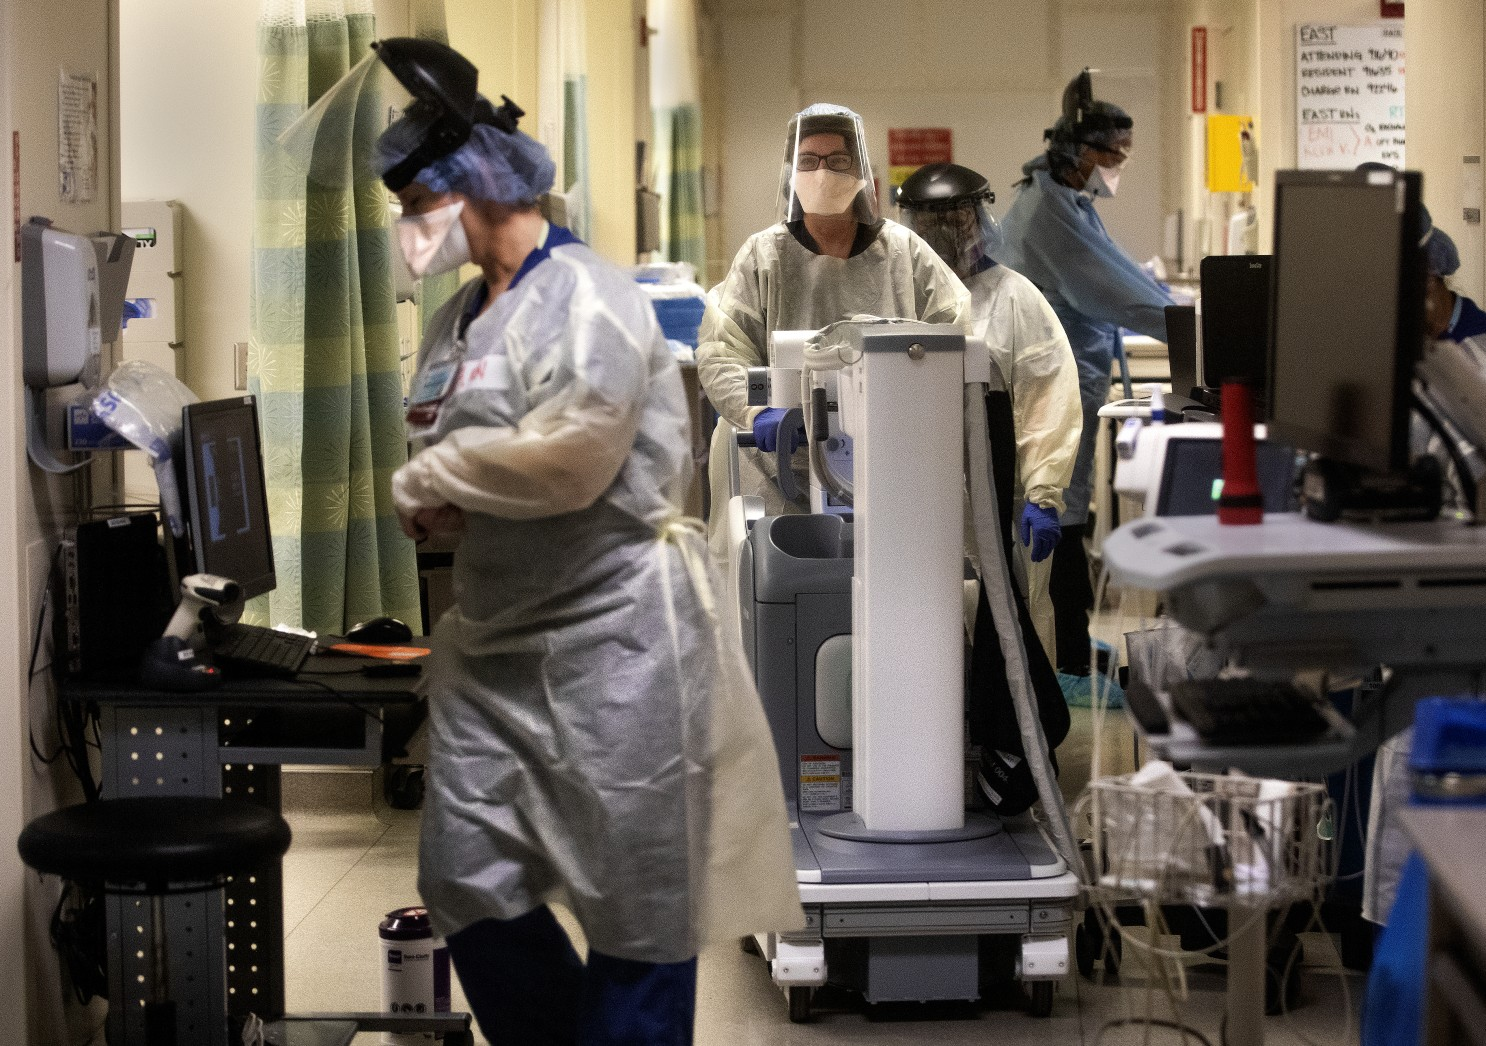 美国国防部派遣空军医疗队前往支援洛杉矶县新冠疫情